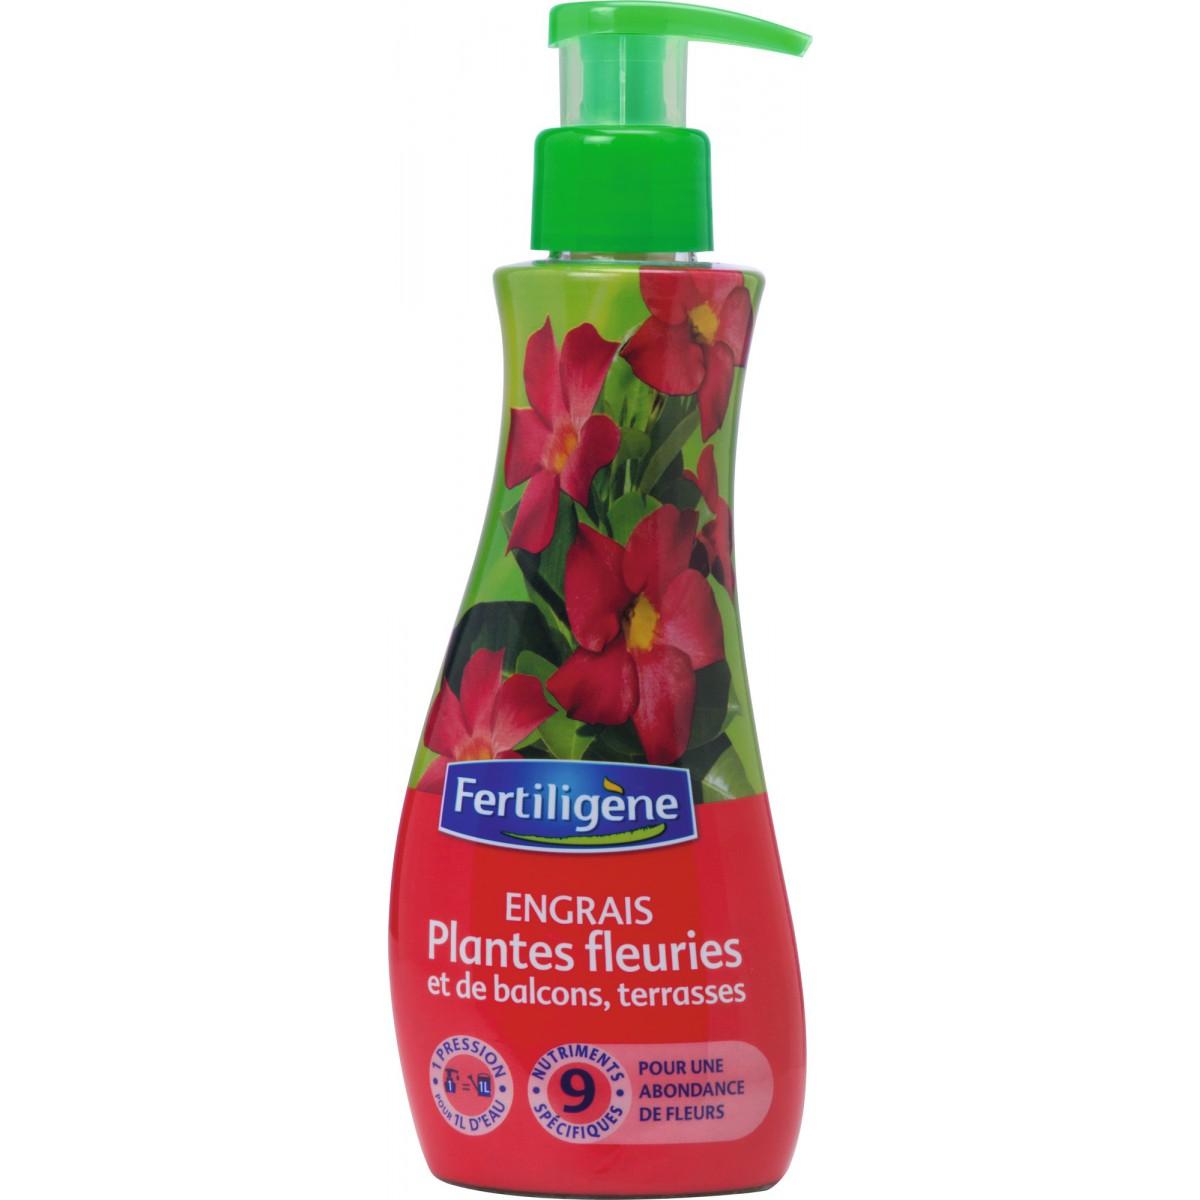 Engrais plantes fleuries et de balcons ou terrasses Fertiligène - 230 ml